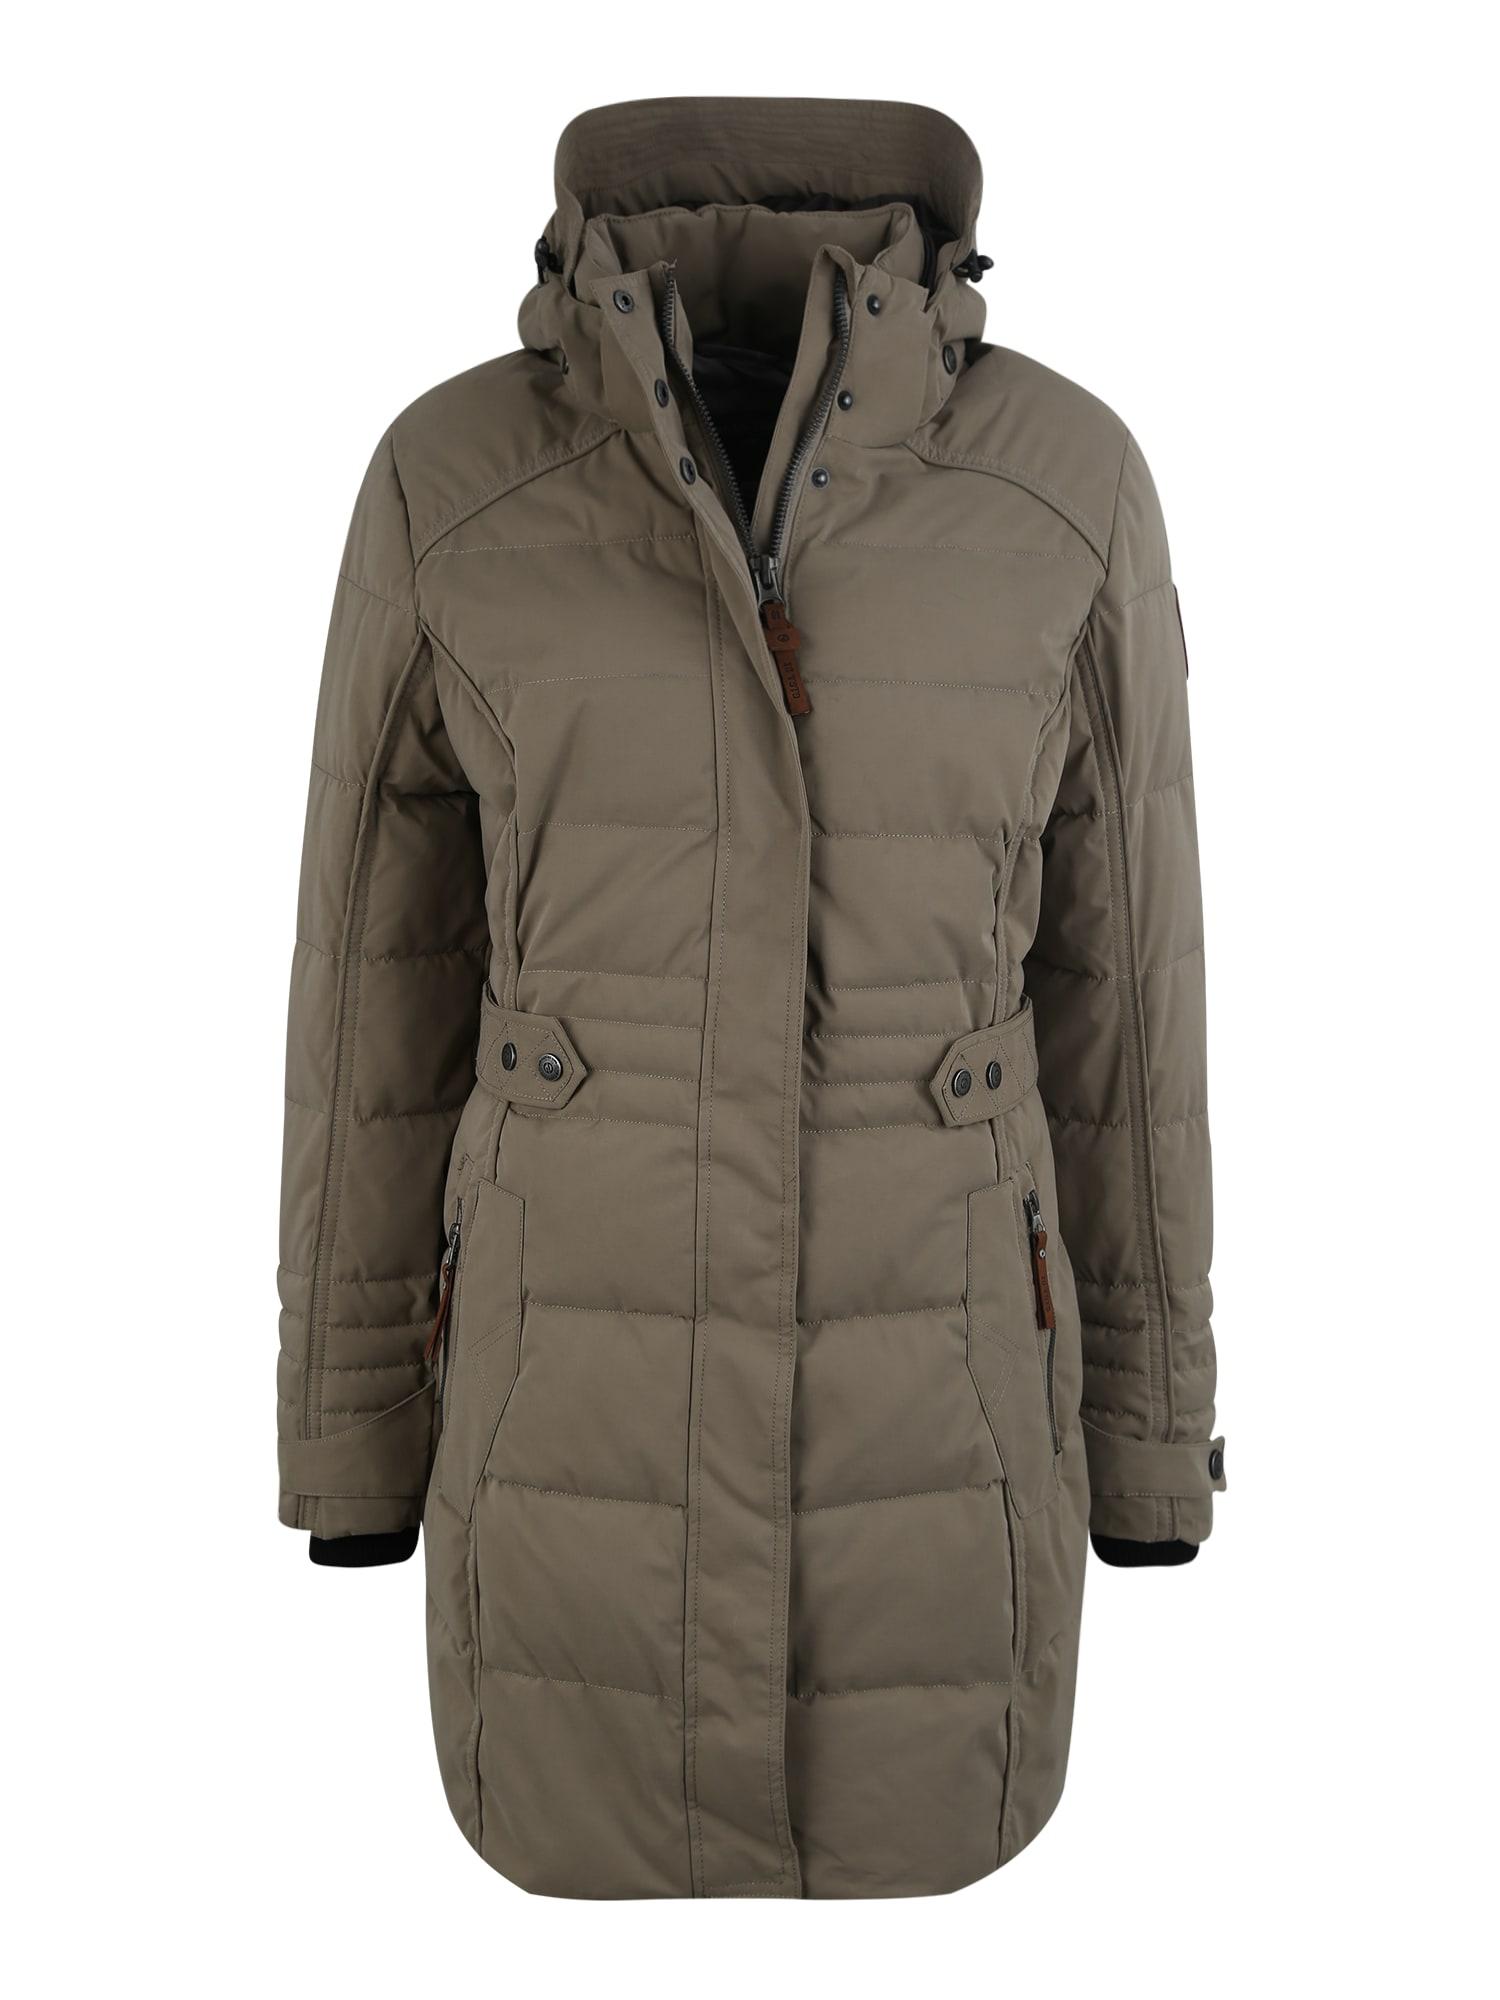 Outdoorový kabát Zelinda tmavě béžová G.I.G.A. DX